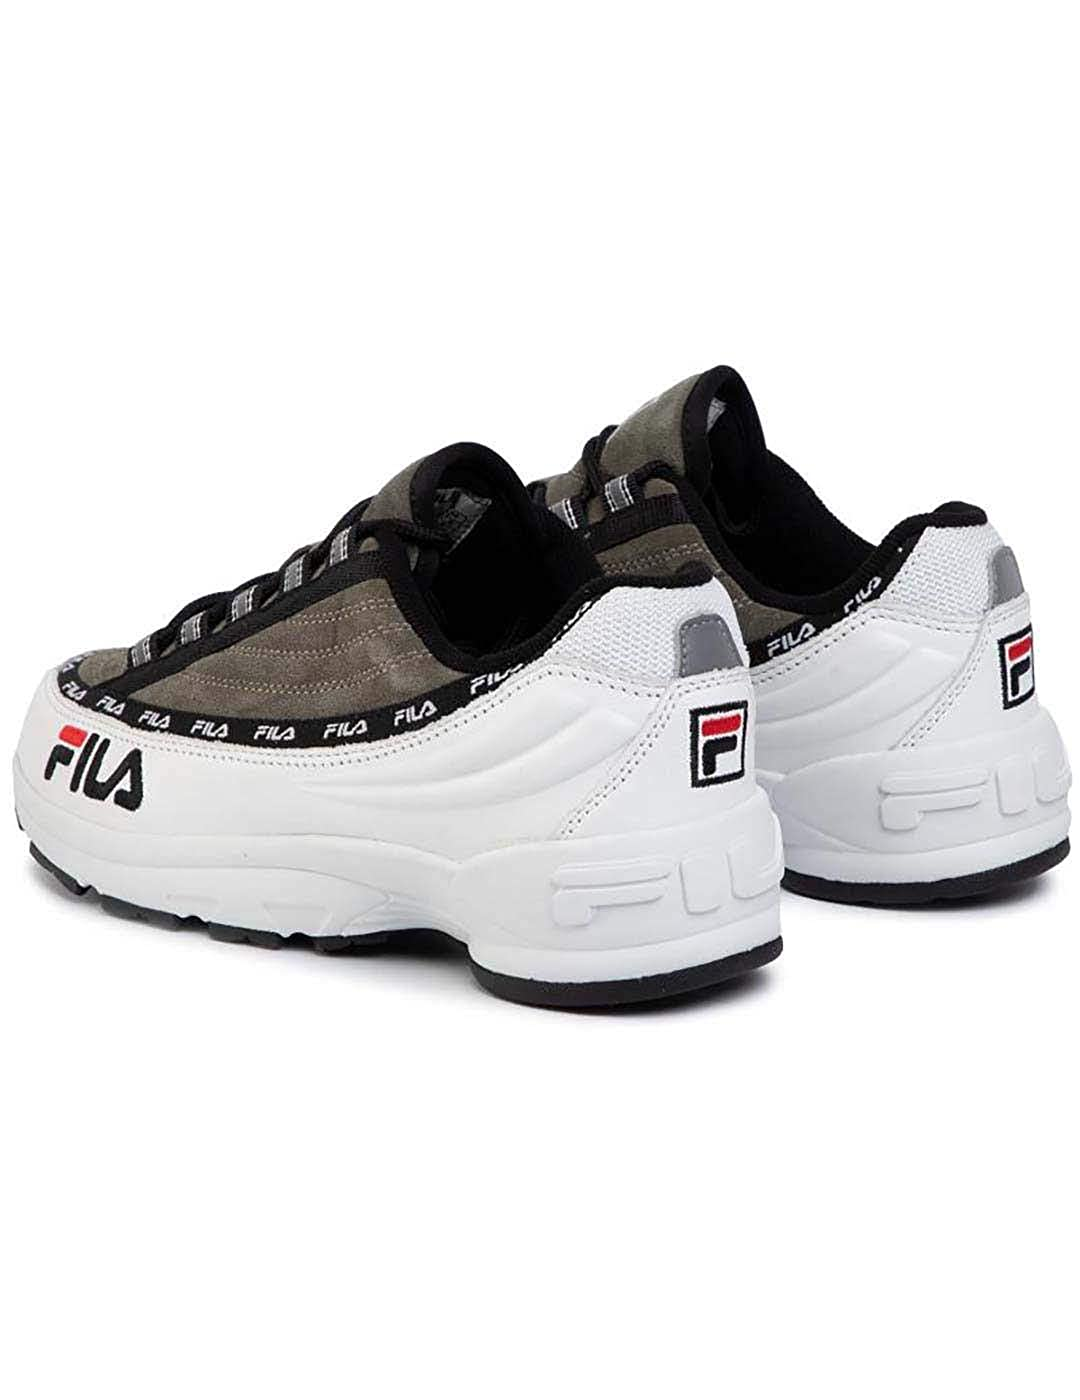 FILA DSTR97 1010712.90S : Amazon.es: Zapatos y complementos